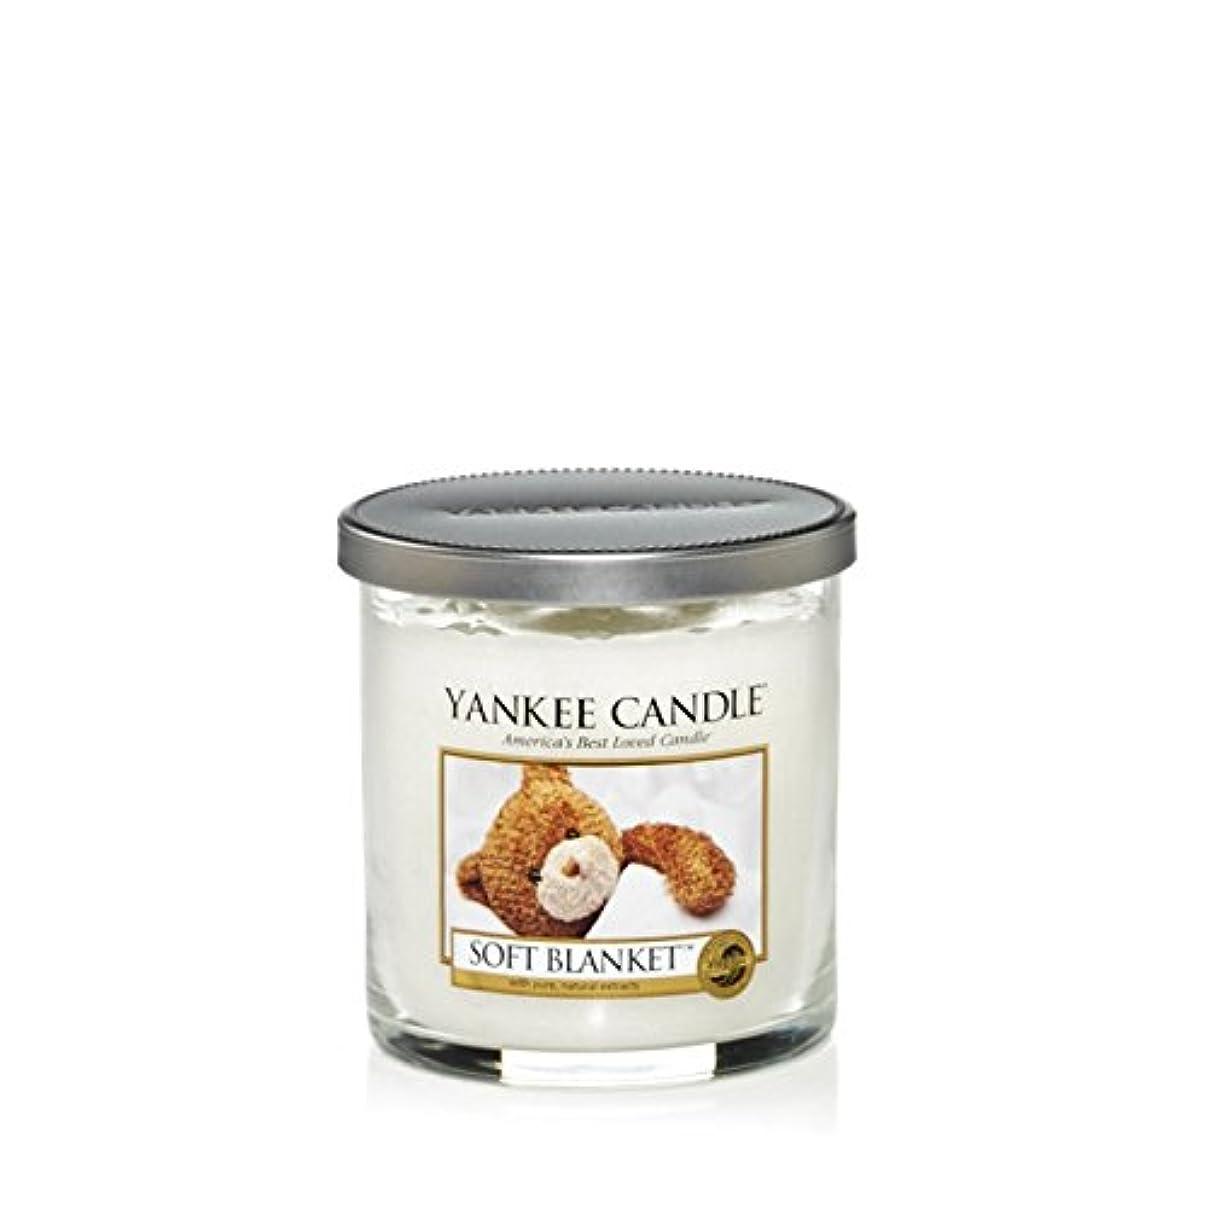 薄いです住人政治家のYankee Candles Small Pillar Candle - Soft Blanket (Pack of 2) - ヤンキーキャンドルの小さな柱キャンドル - ソフト毛布 (x2) [並行輸入品]